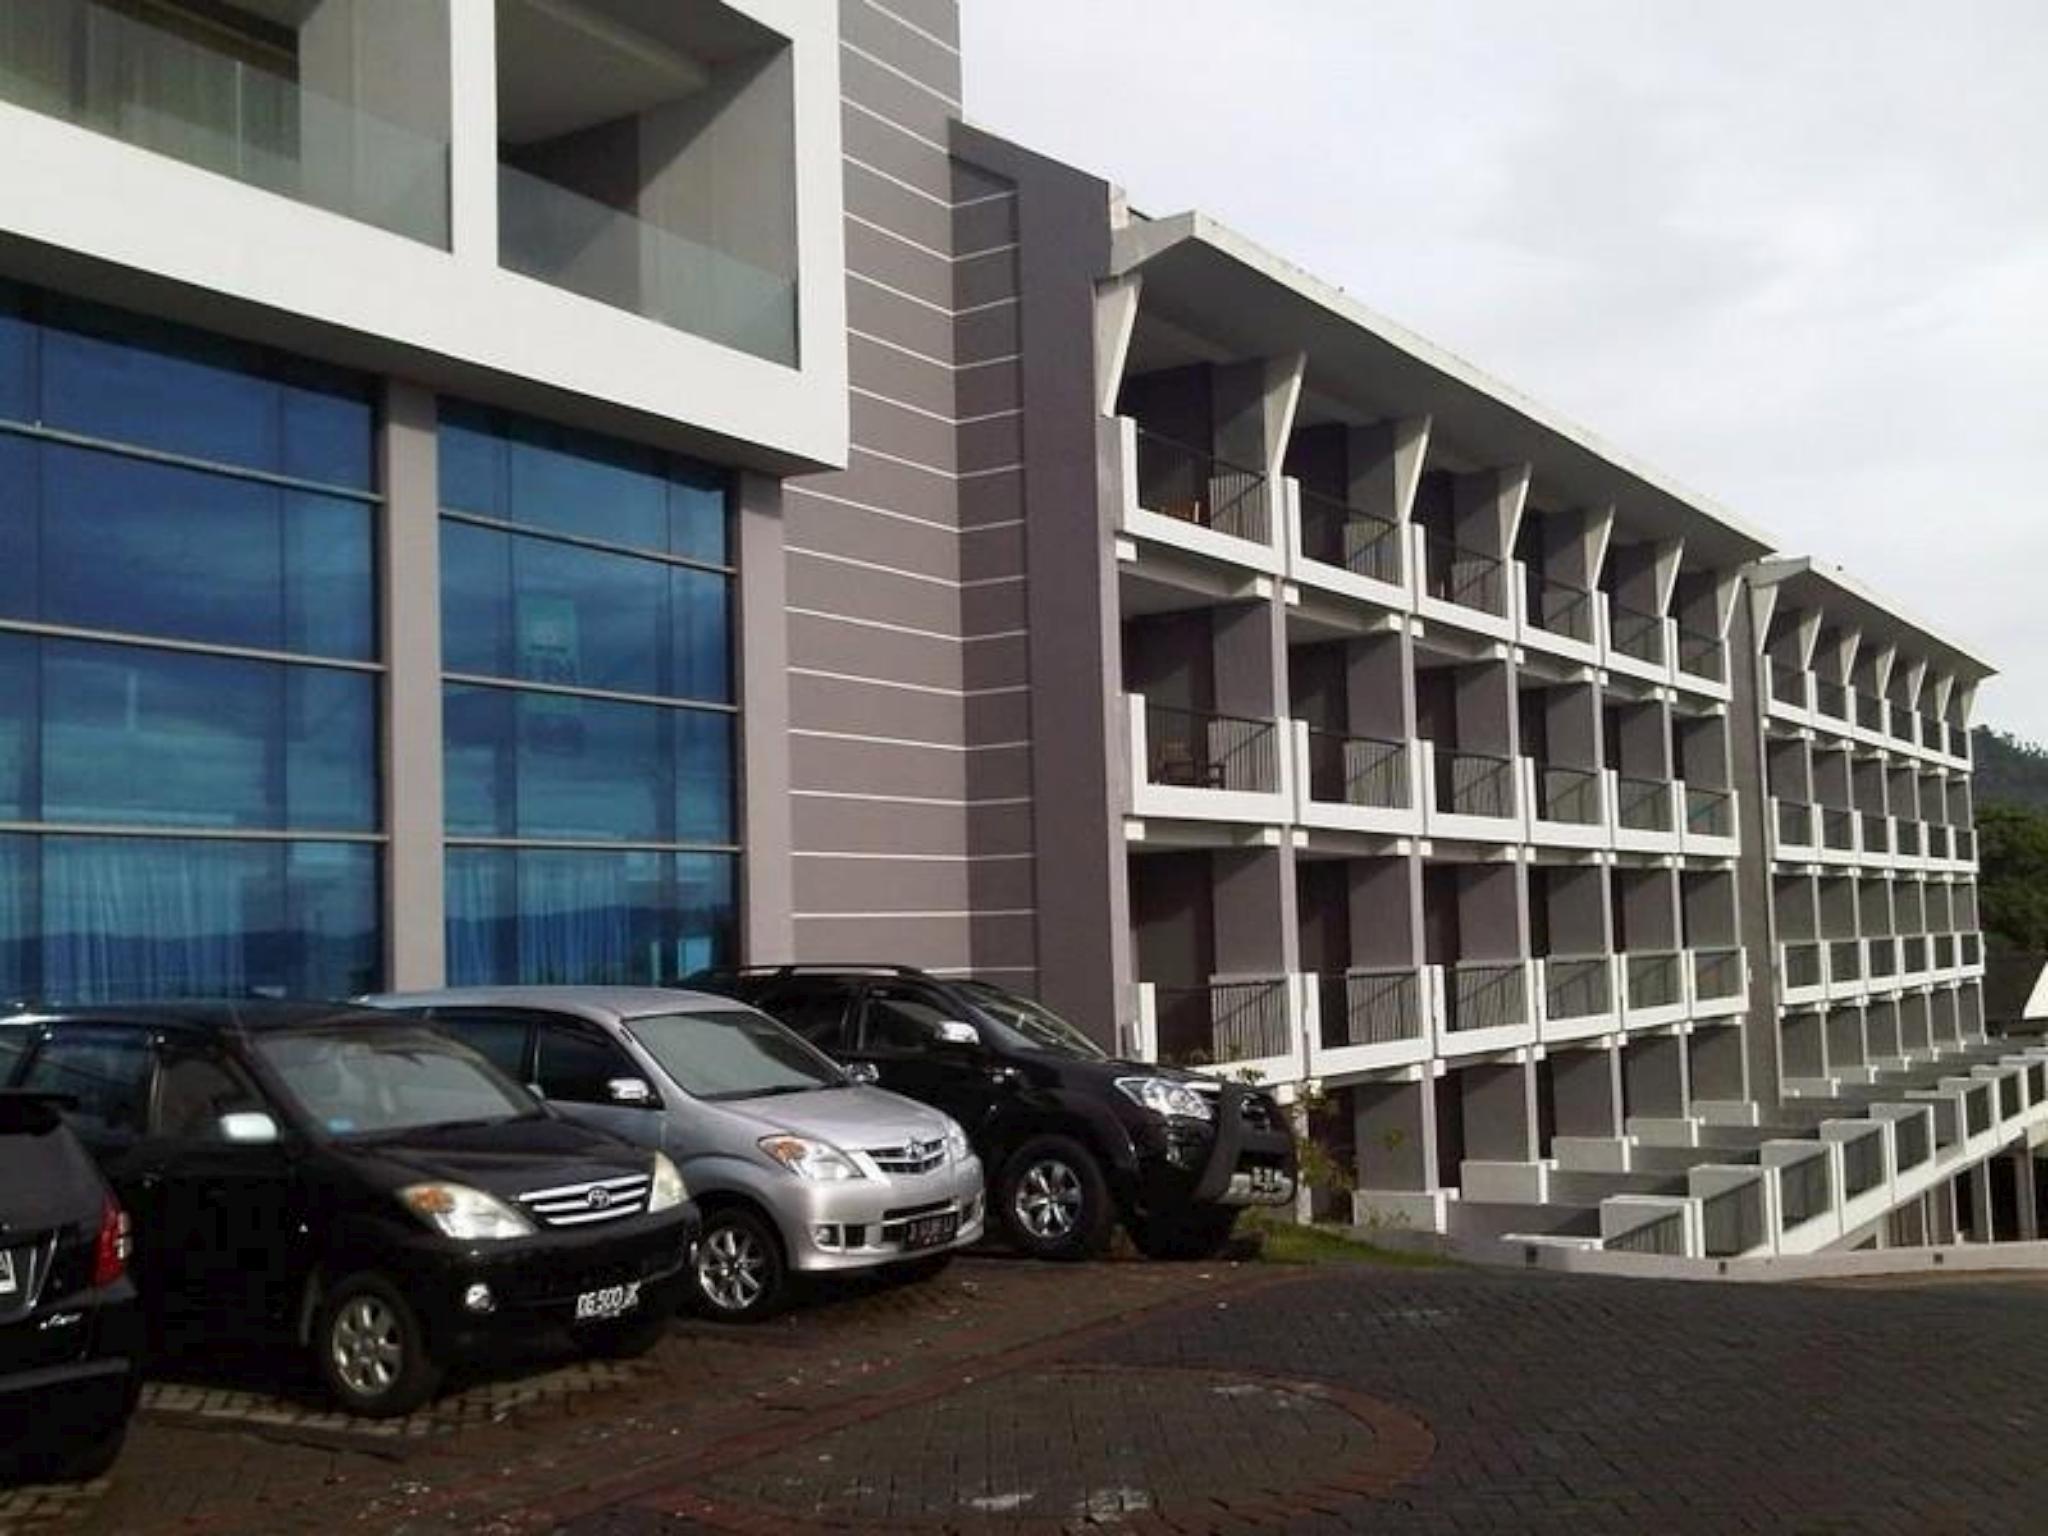 Hotel Grand Dafam Bela Ternate - Jl. Raya Jati No. 500, Ternate, Maluku Utara, Indonesia - Ternate